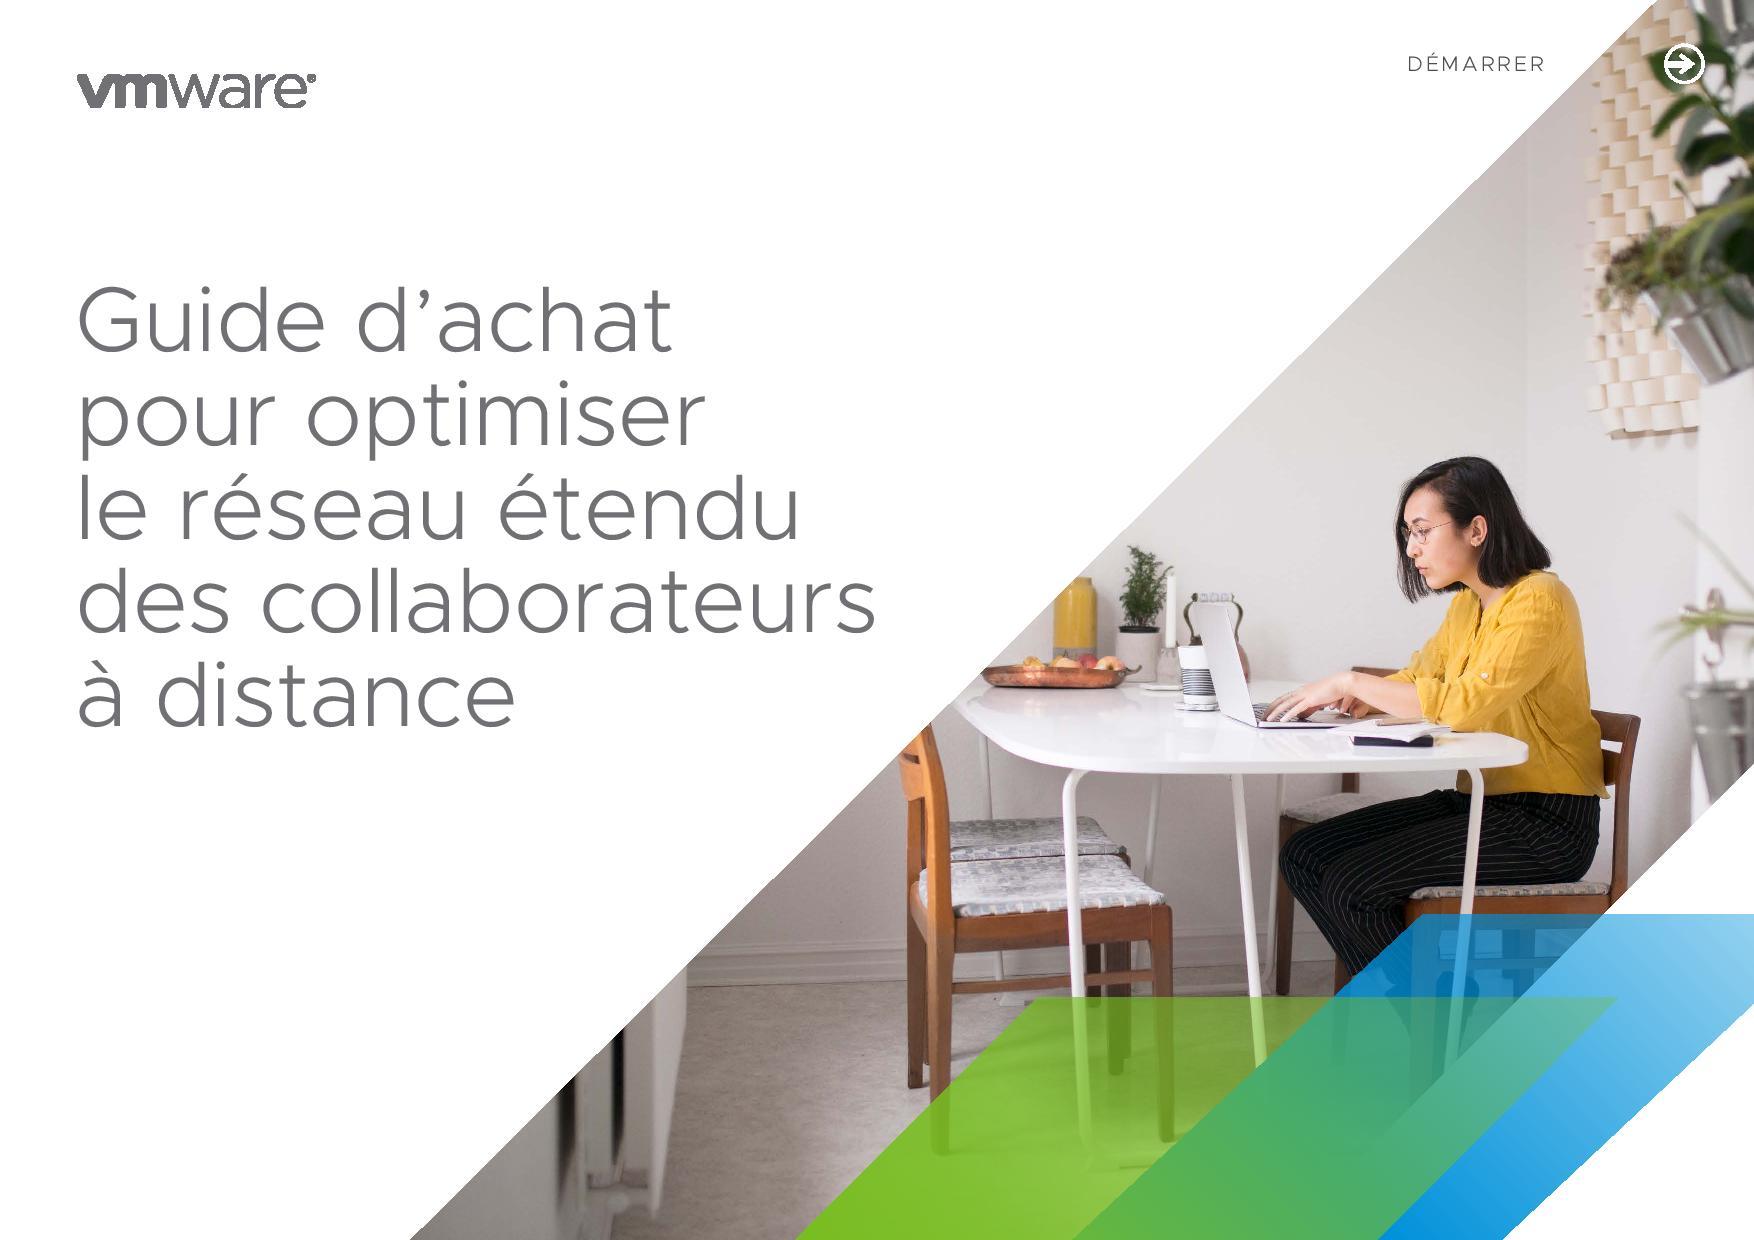 Guide d'achat pour optimiser le réseau étendu des collaborateurs à distance